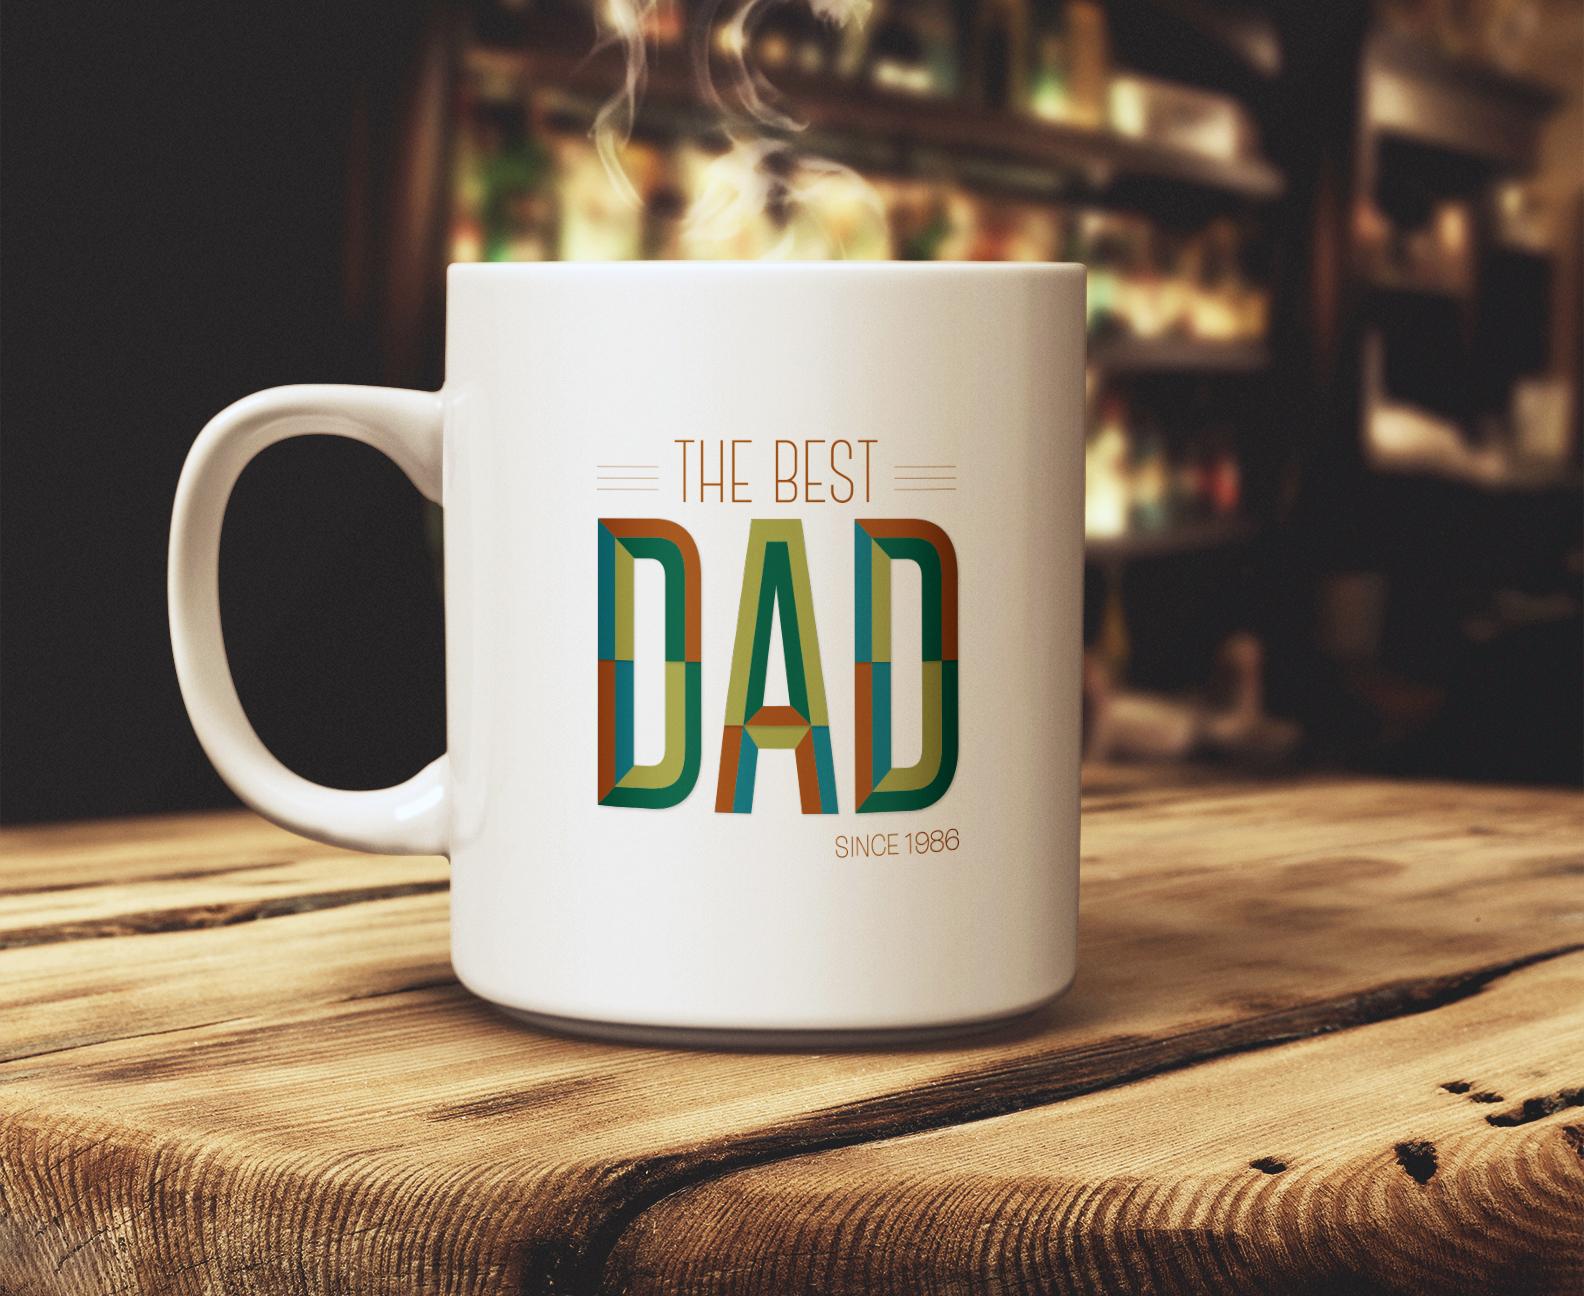 The Best Dad Mug